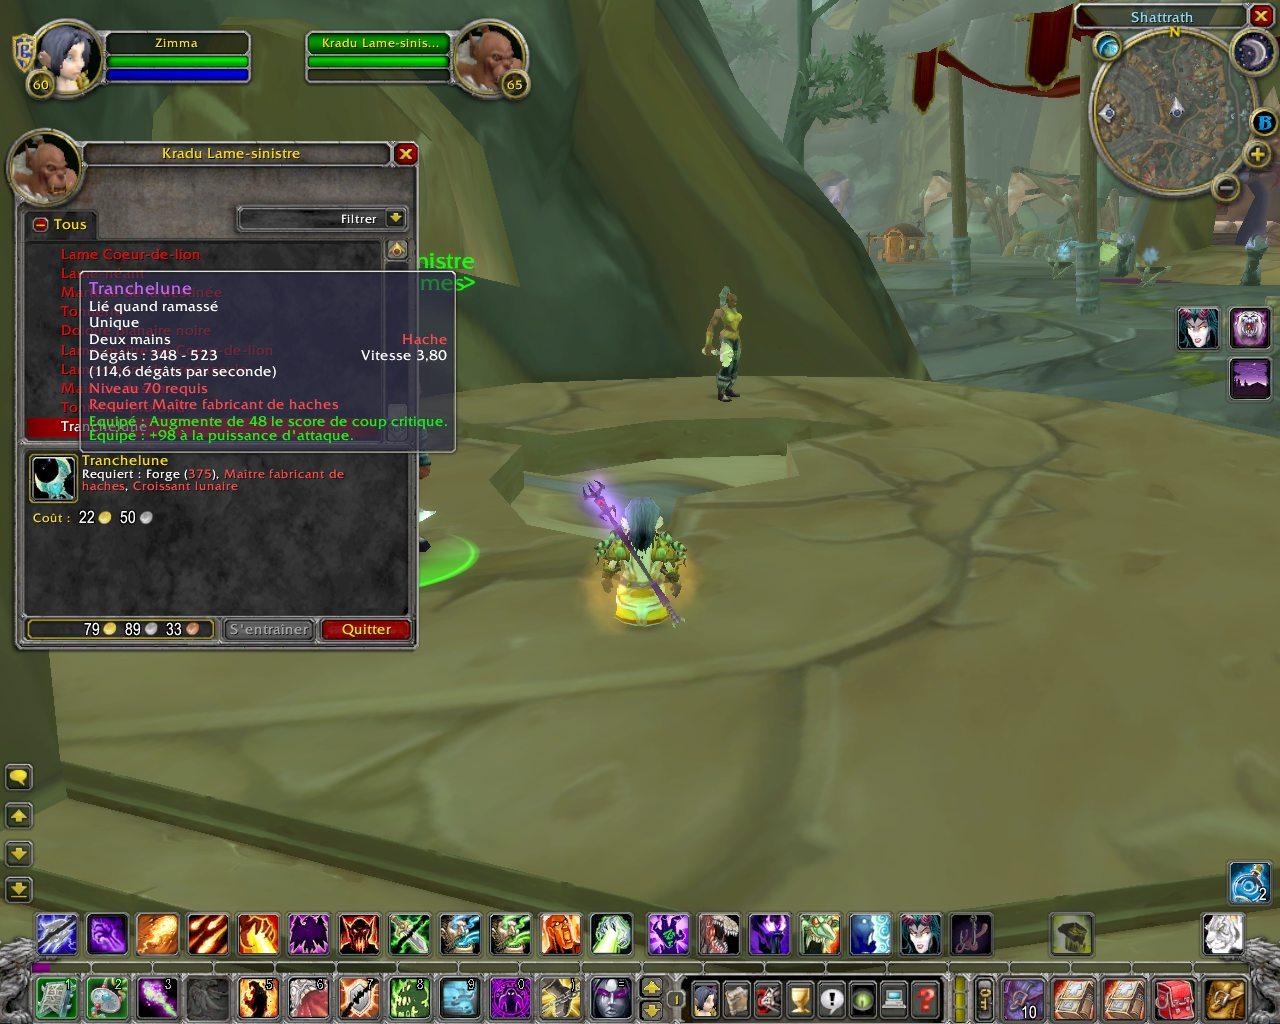 Screenshot de la beta de World of Warcraft: The Burning Crusade (octobre 2006).